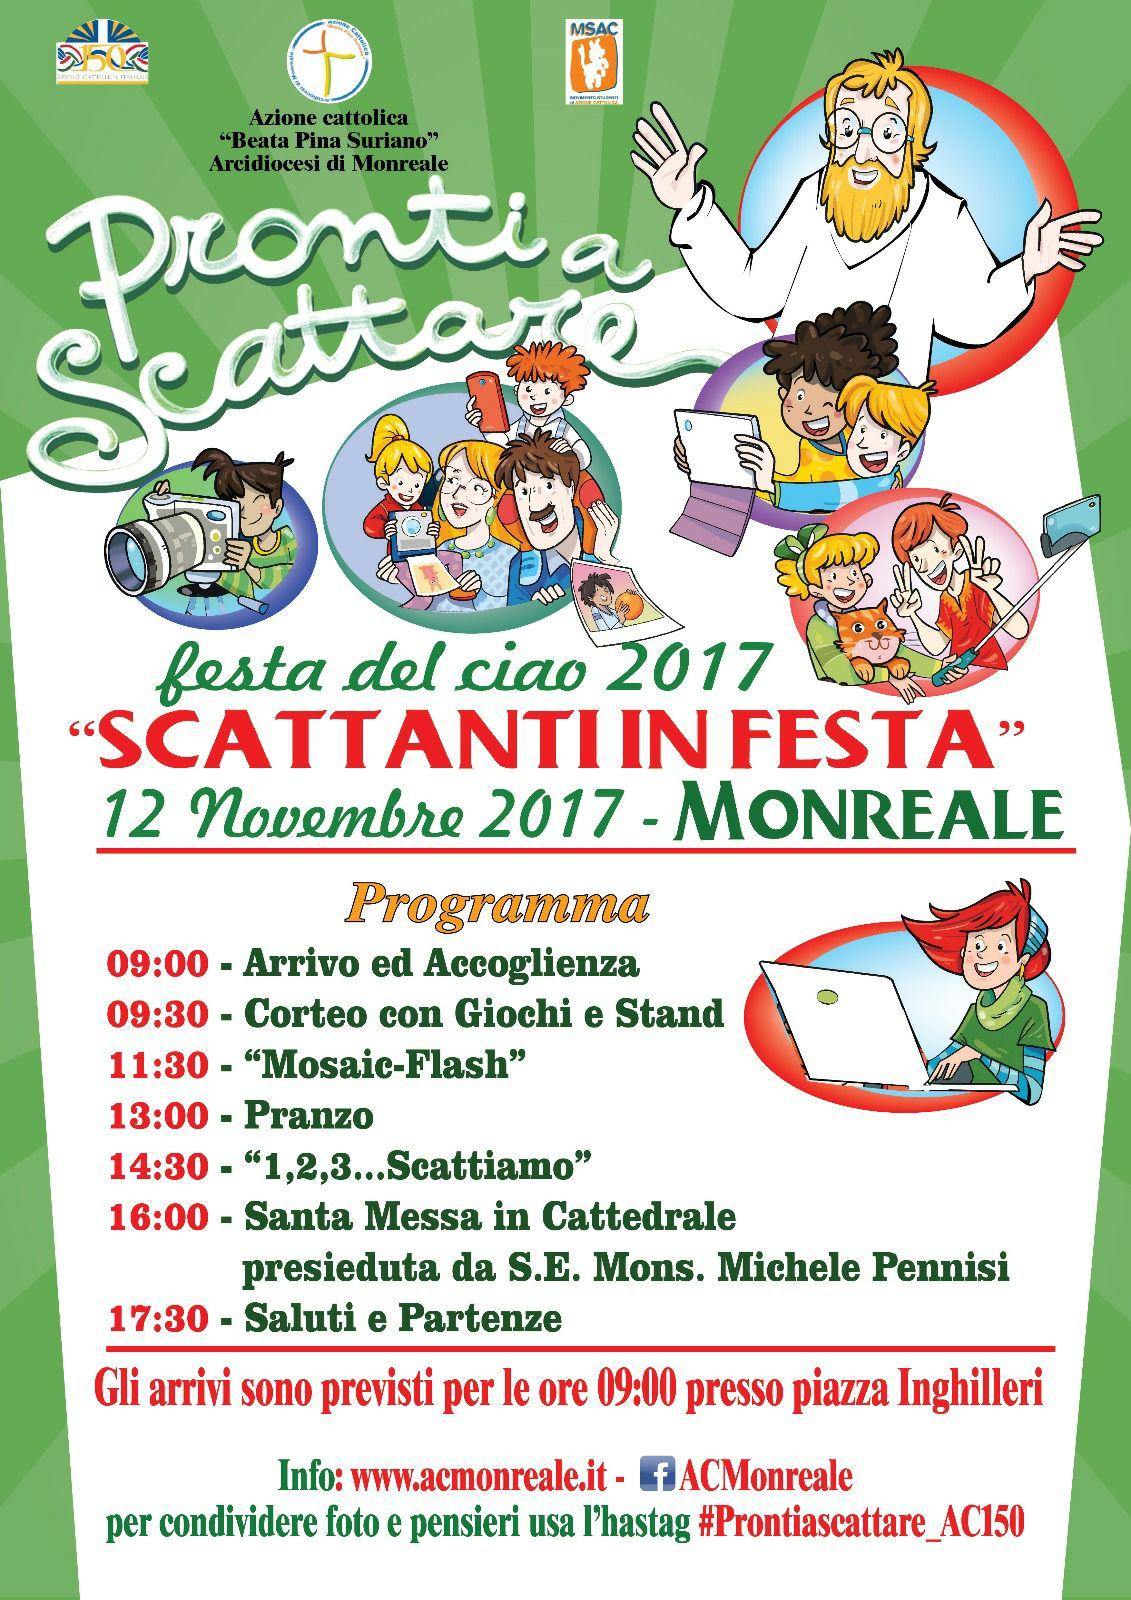 Festa del Ciao. Monreale 12 Novembre 2017